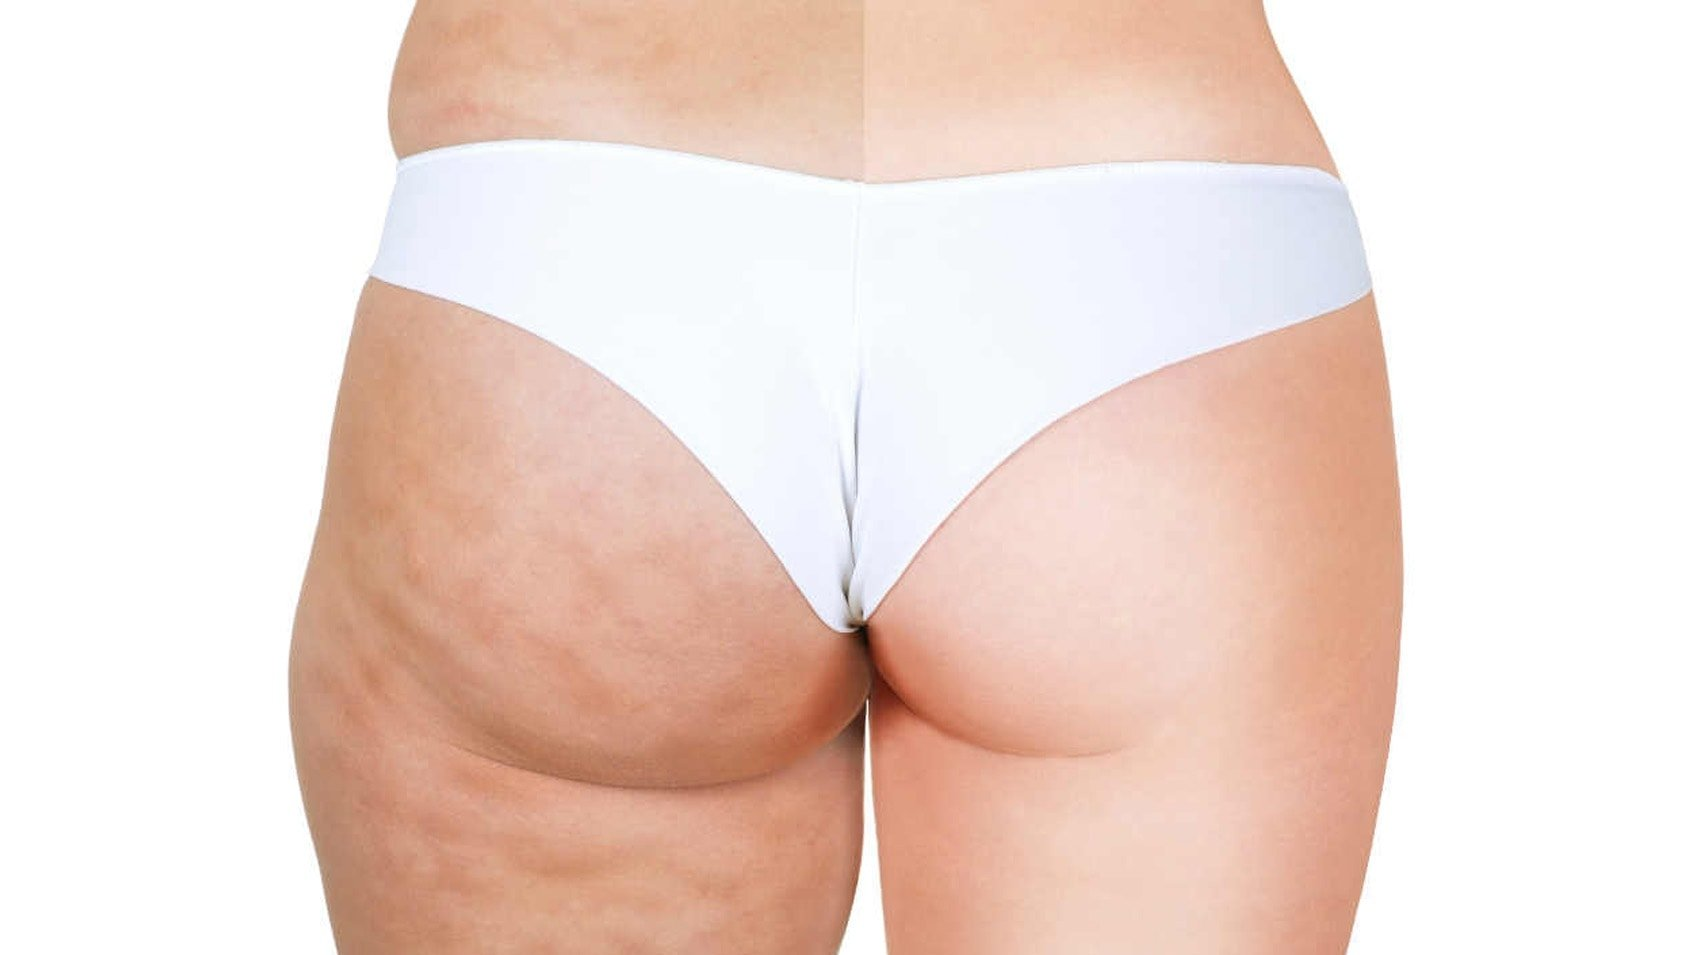 10 Cibi Da Evitare Per Combattere La Cellulite